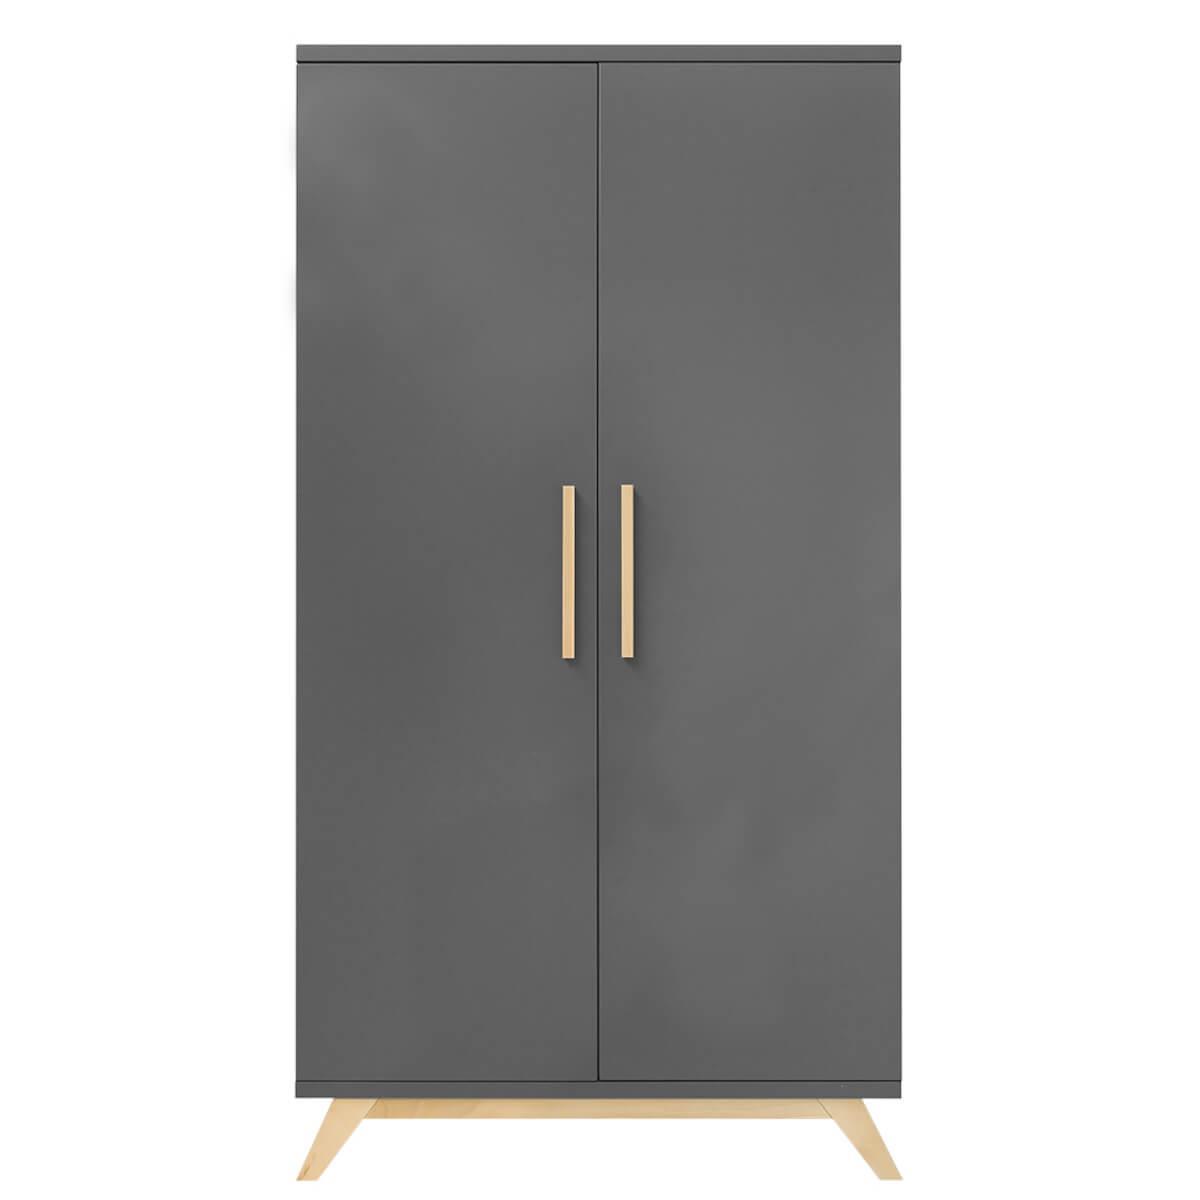 Armoire 2 portes XL KYAN Bopita deep grey